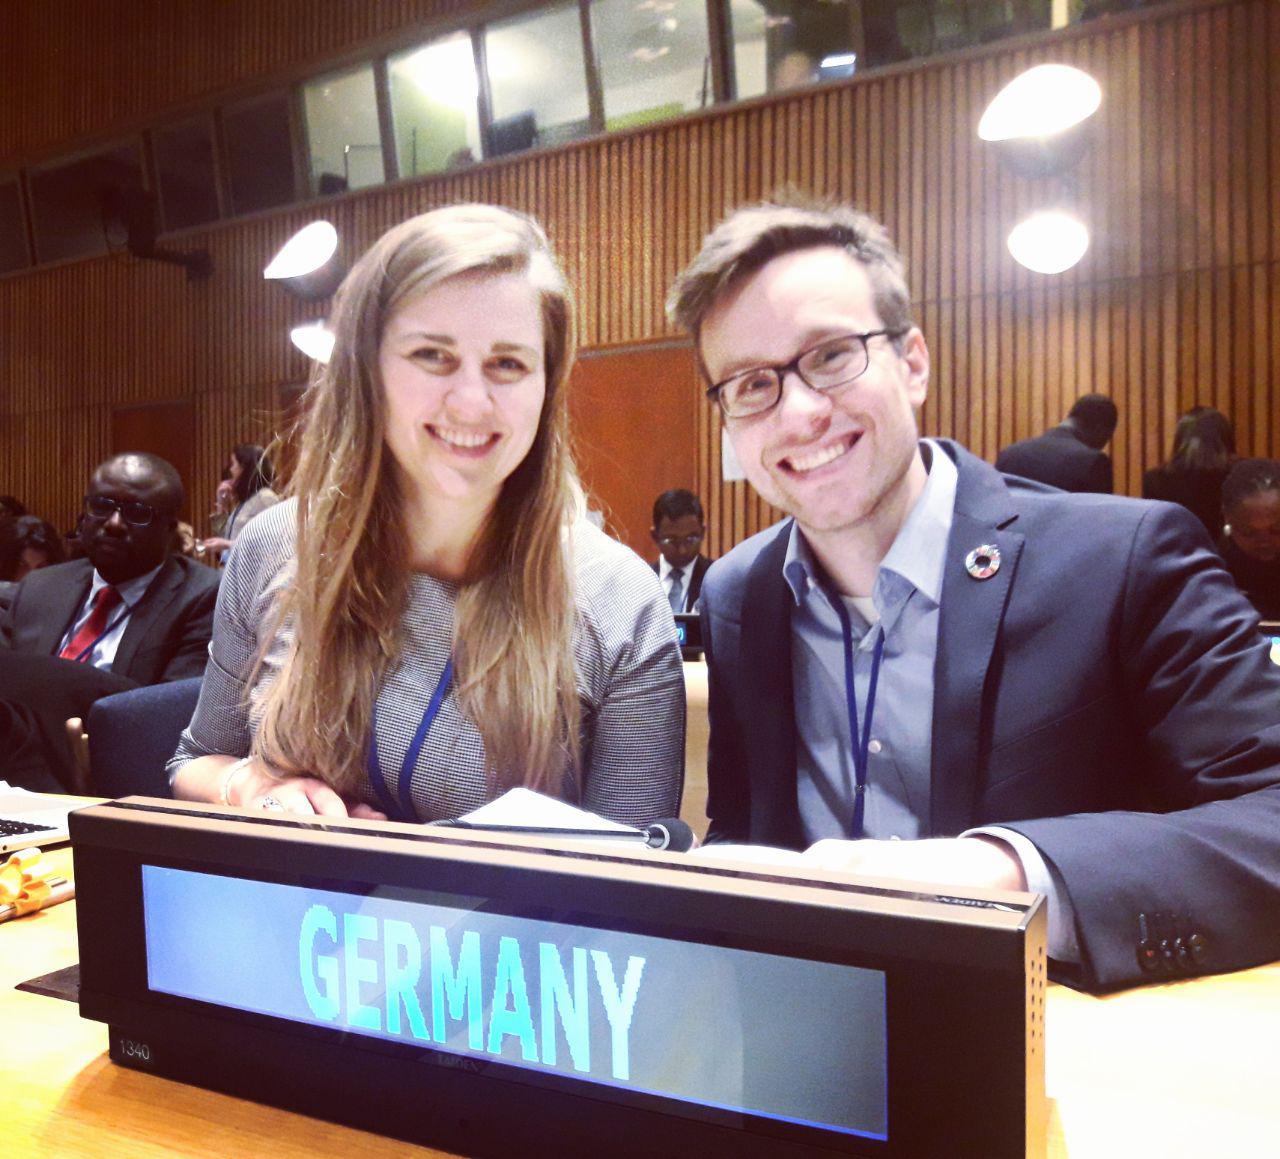 Die Jugenddelegierten geben den jungen Menschen bei den Vereinten Nationen eine Stimme.